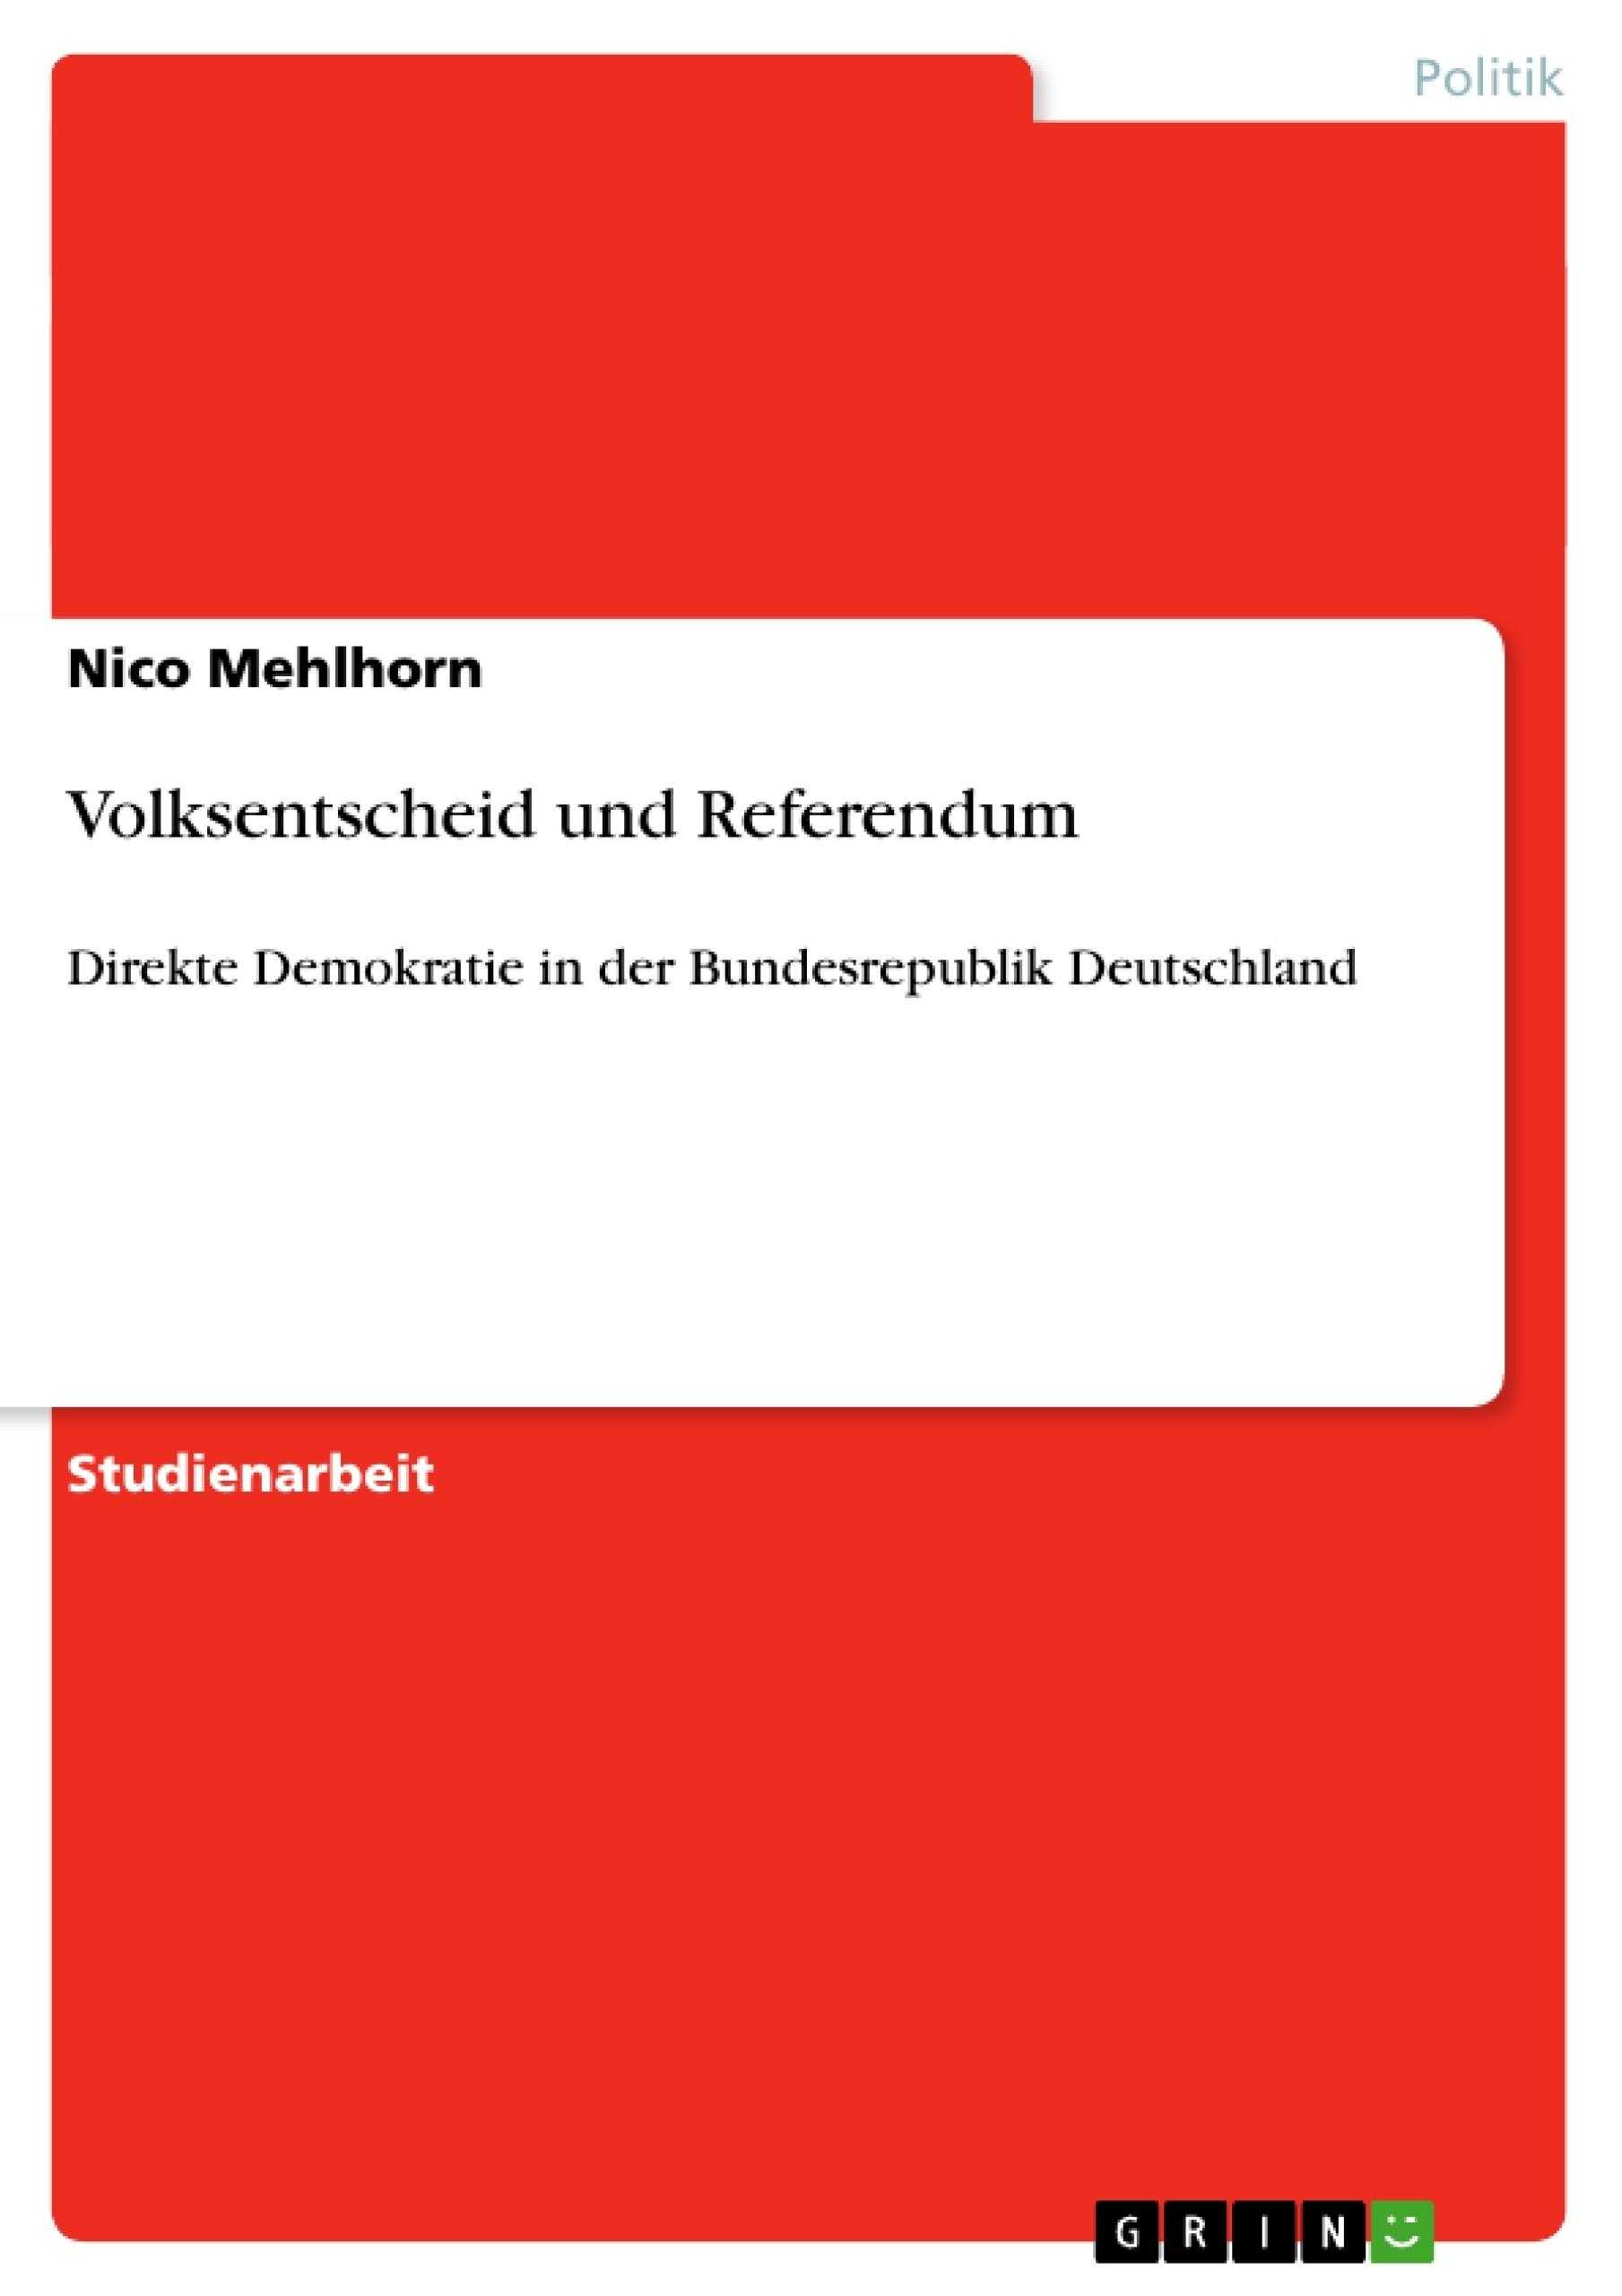 Titel: Volksentscheid und Referendum